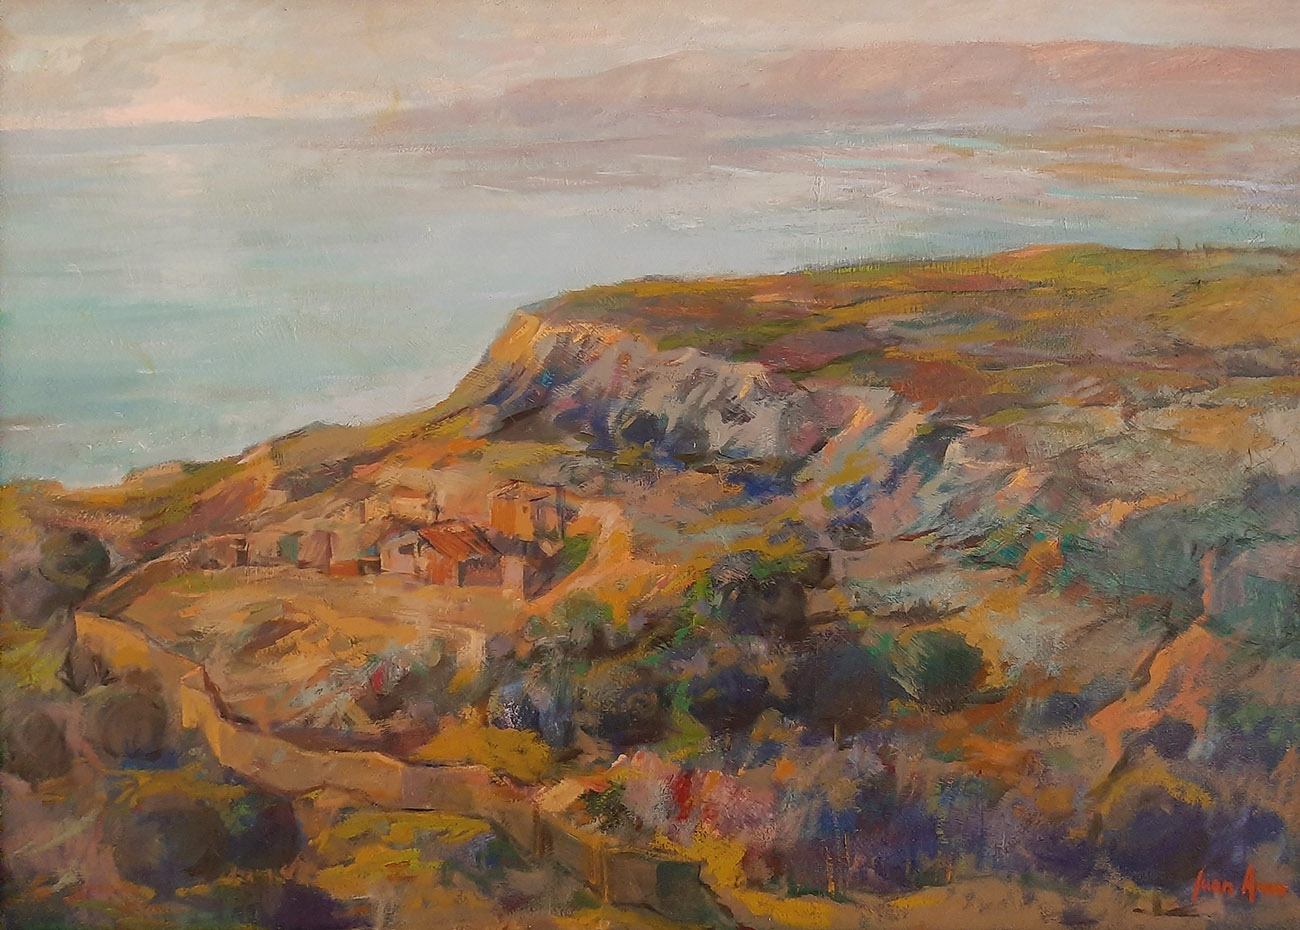 Juan Amo. (1989). Al Fondo a la Derecha Francia. Óleo - Lienzo. 65 x 93. Colección Privada.